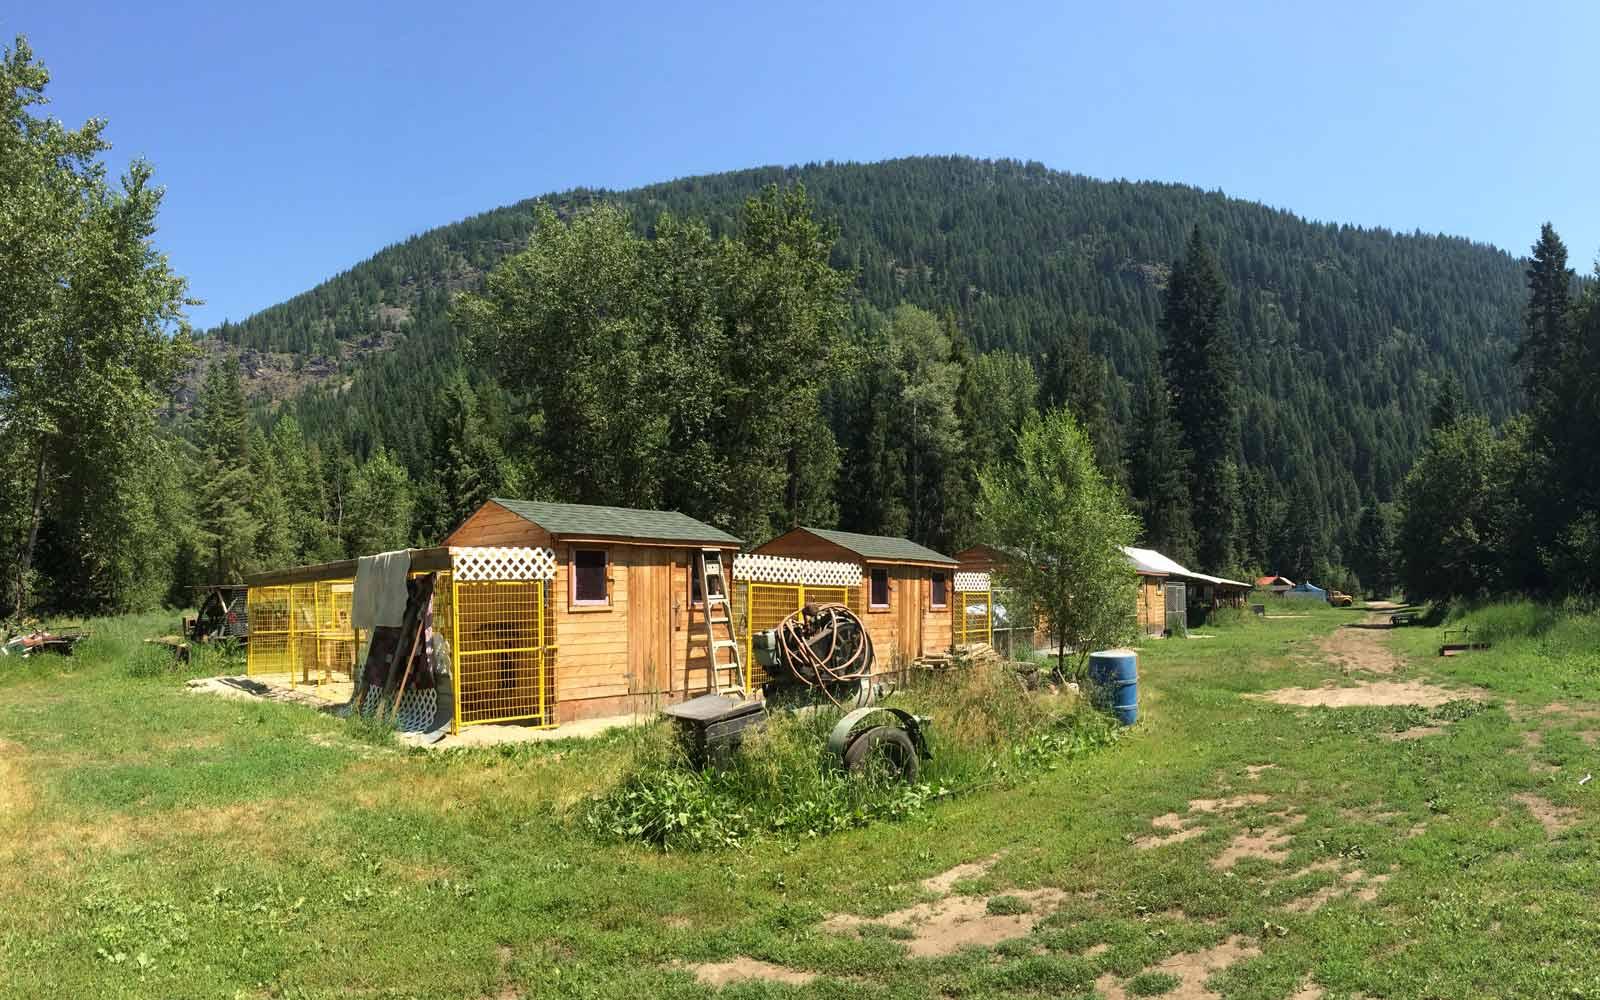 Husky-Hütten in Kanada im Sommer